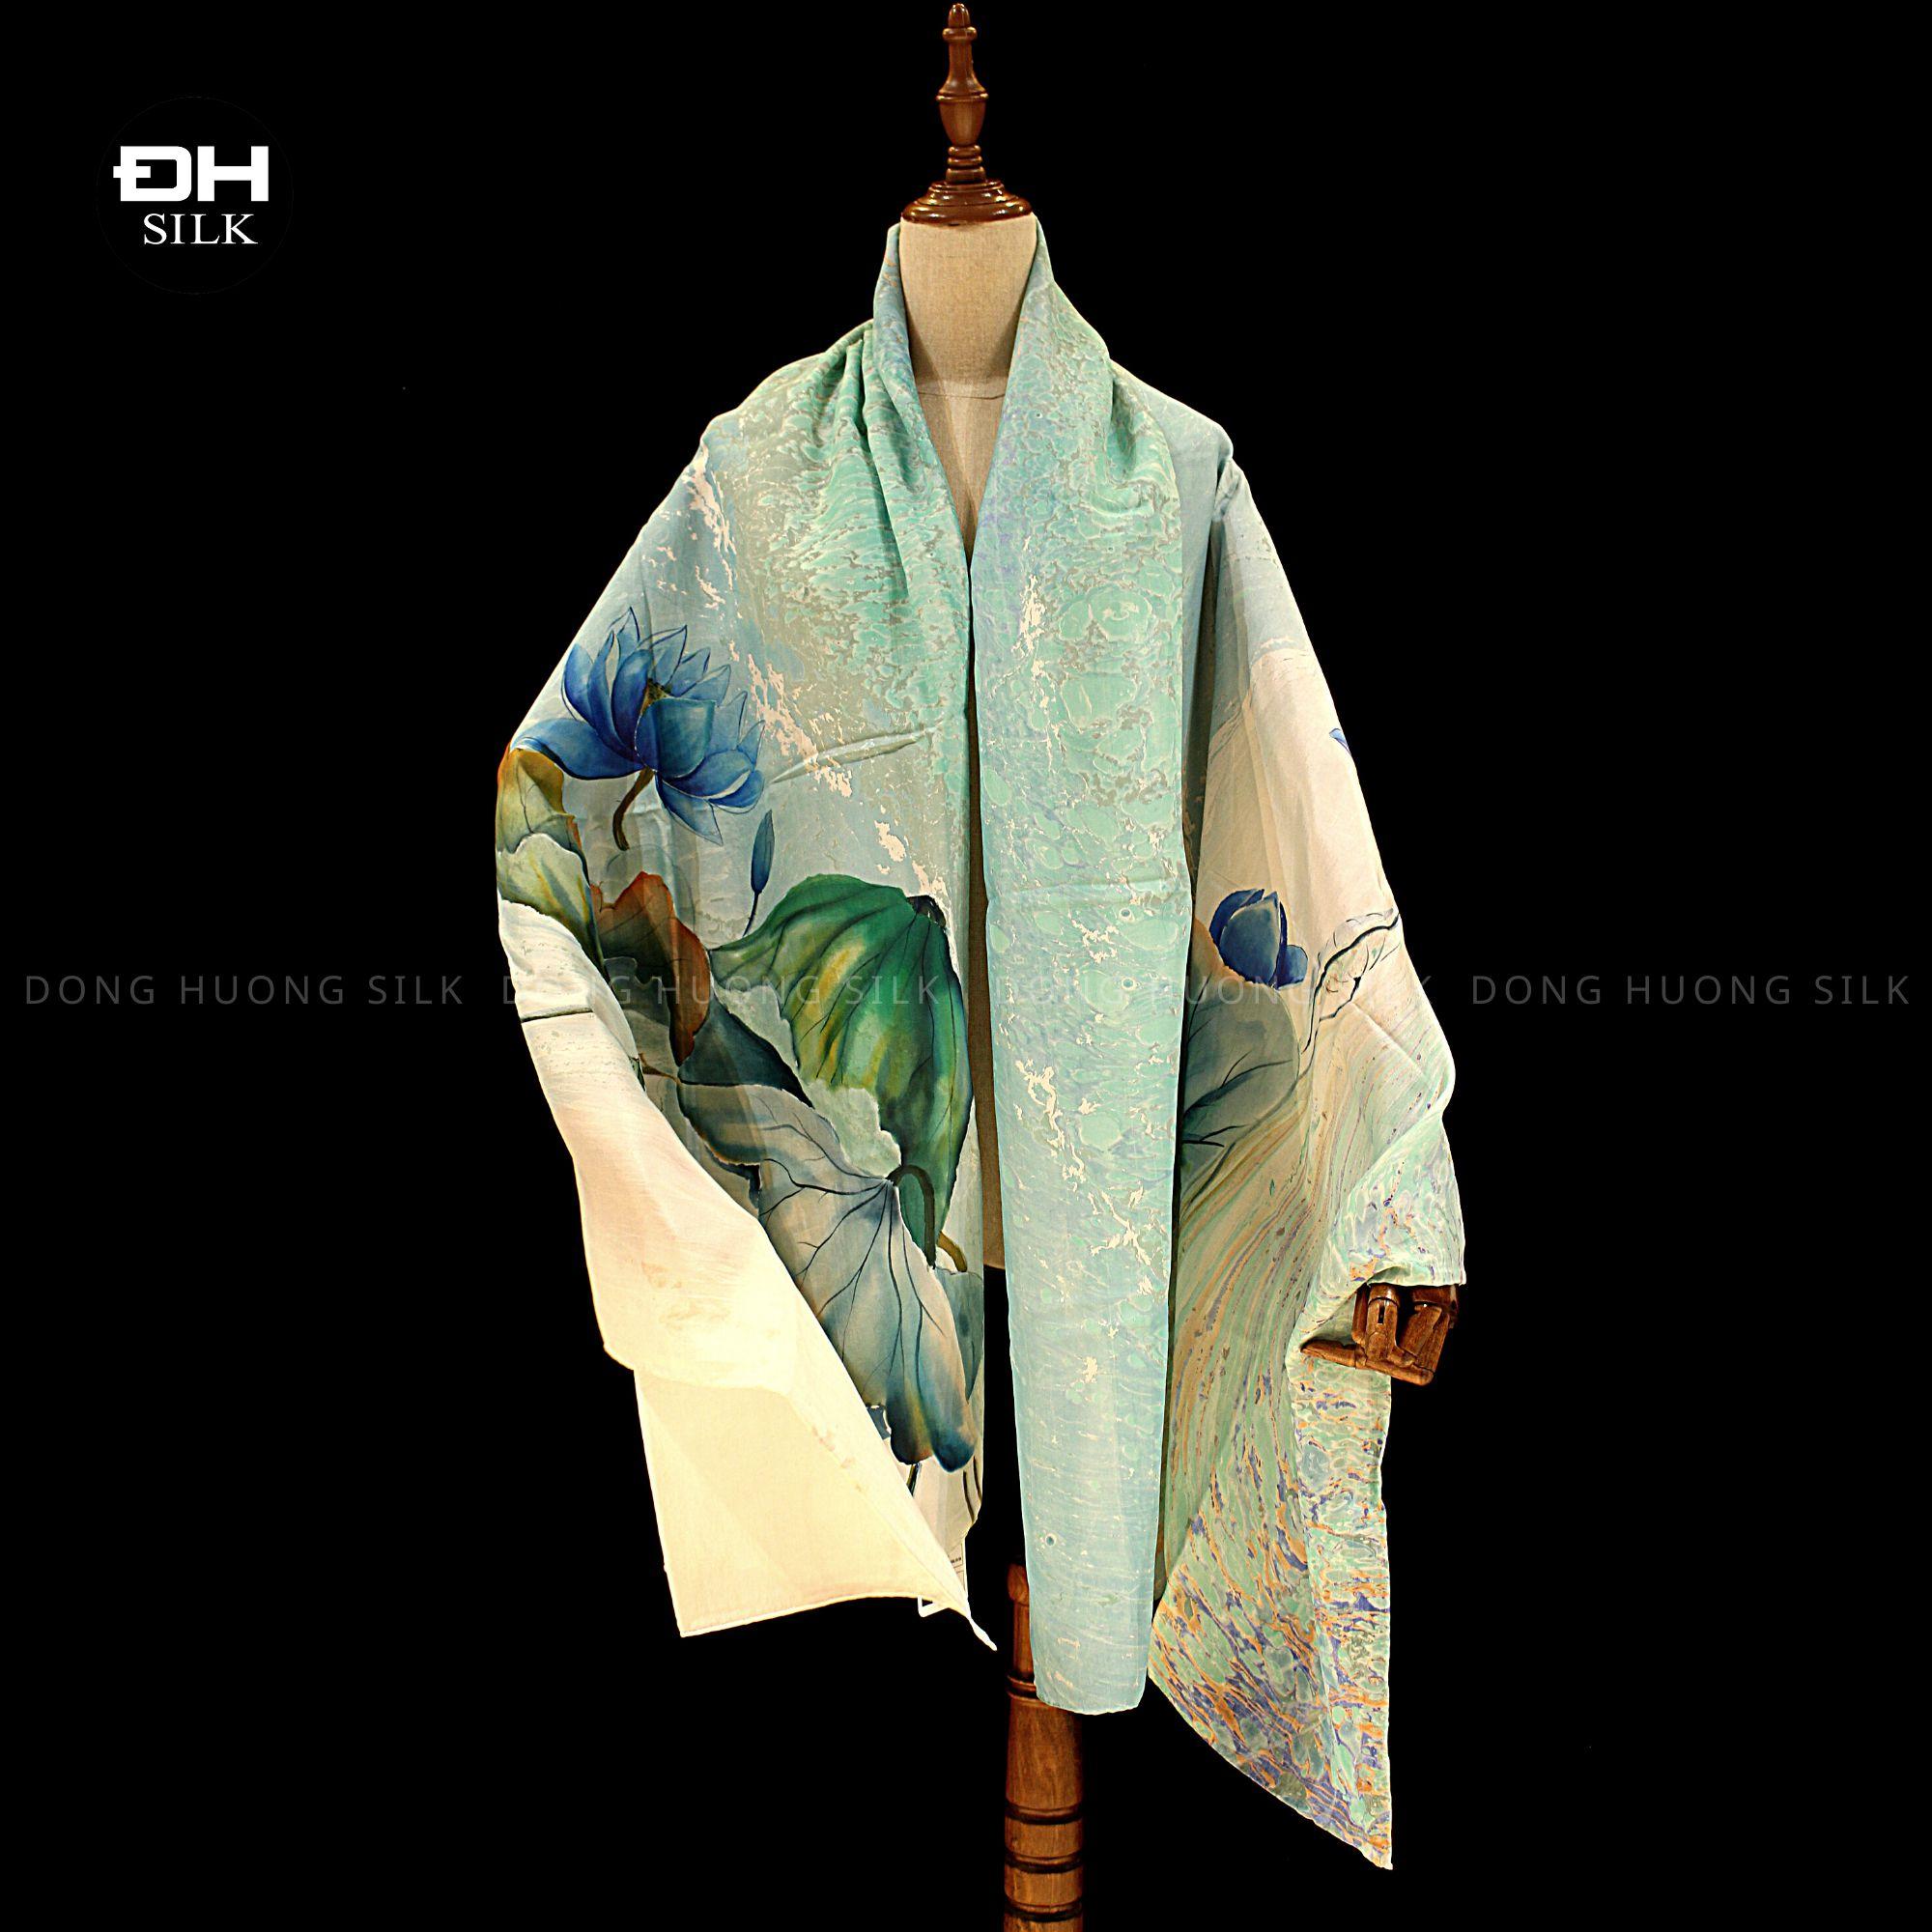 khan-lua-to-tam-ve-tay-thuy-an-nghe-thuat-hoa-sen-nhu-y-Dong-Huong-Silk-4